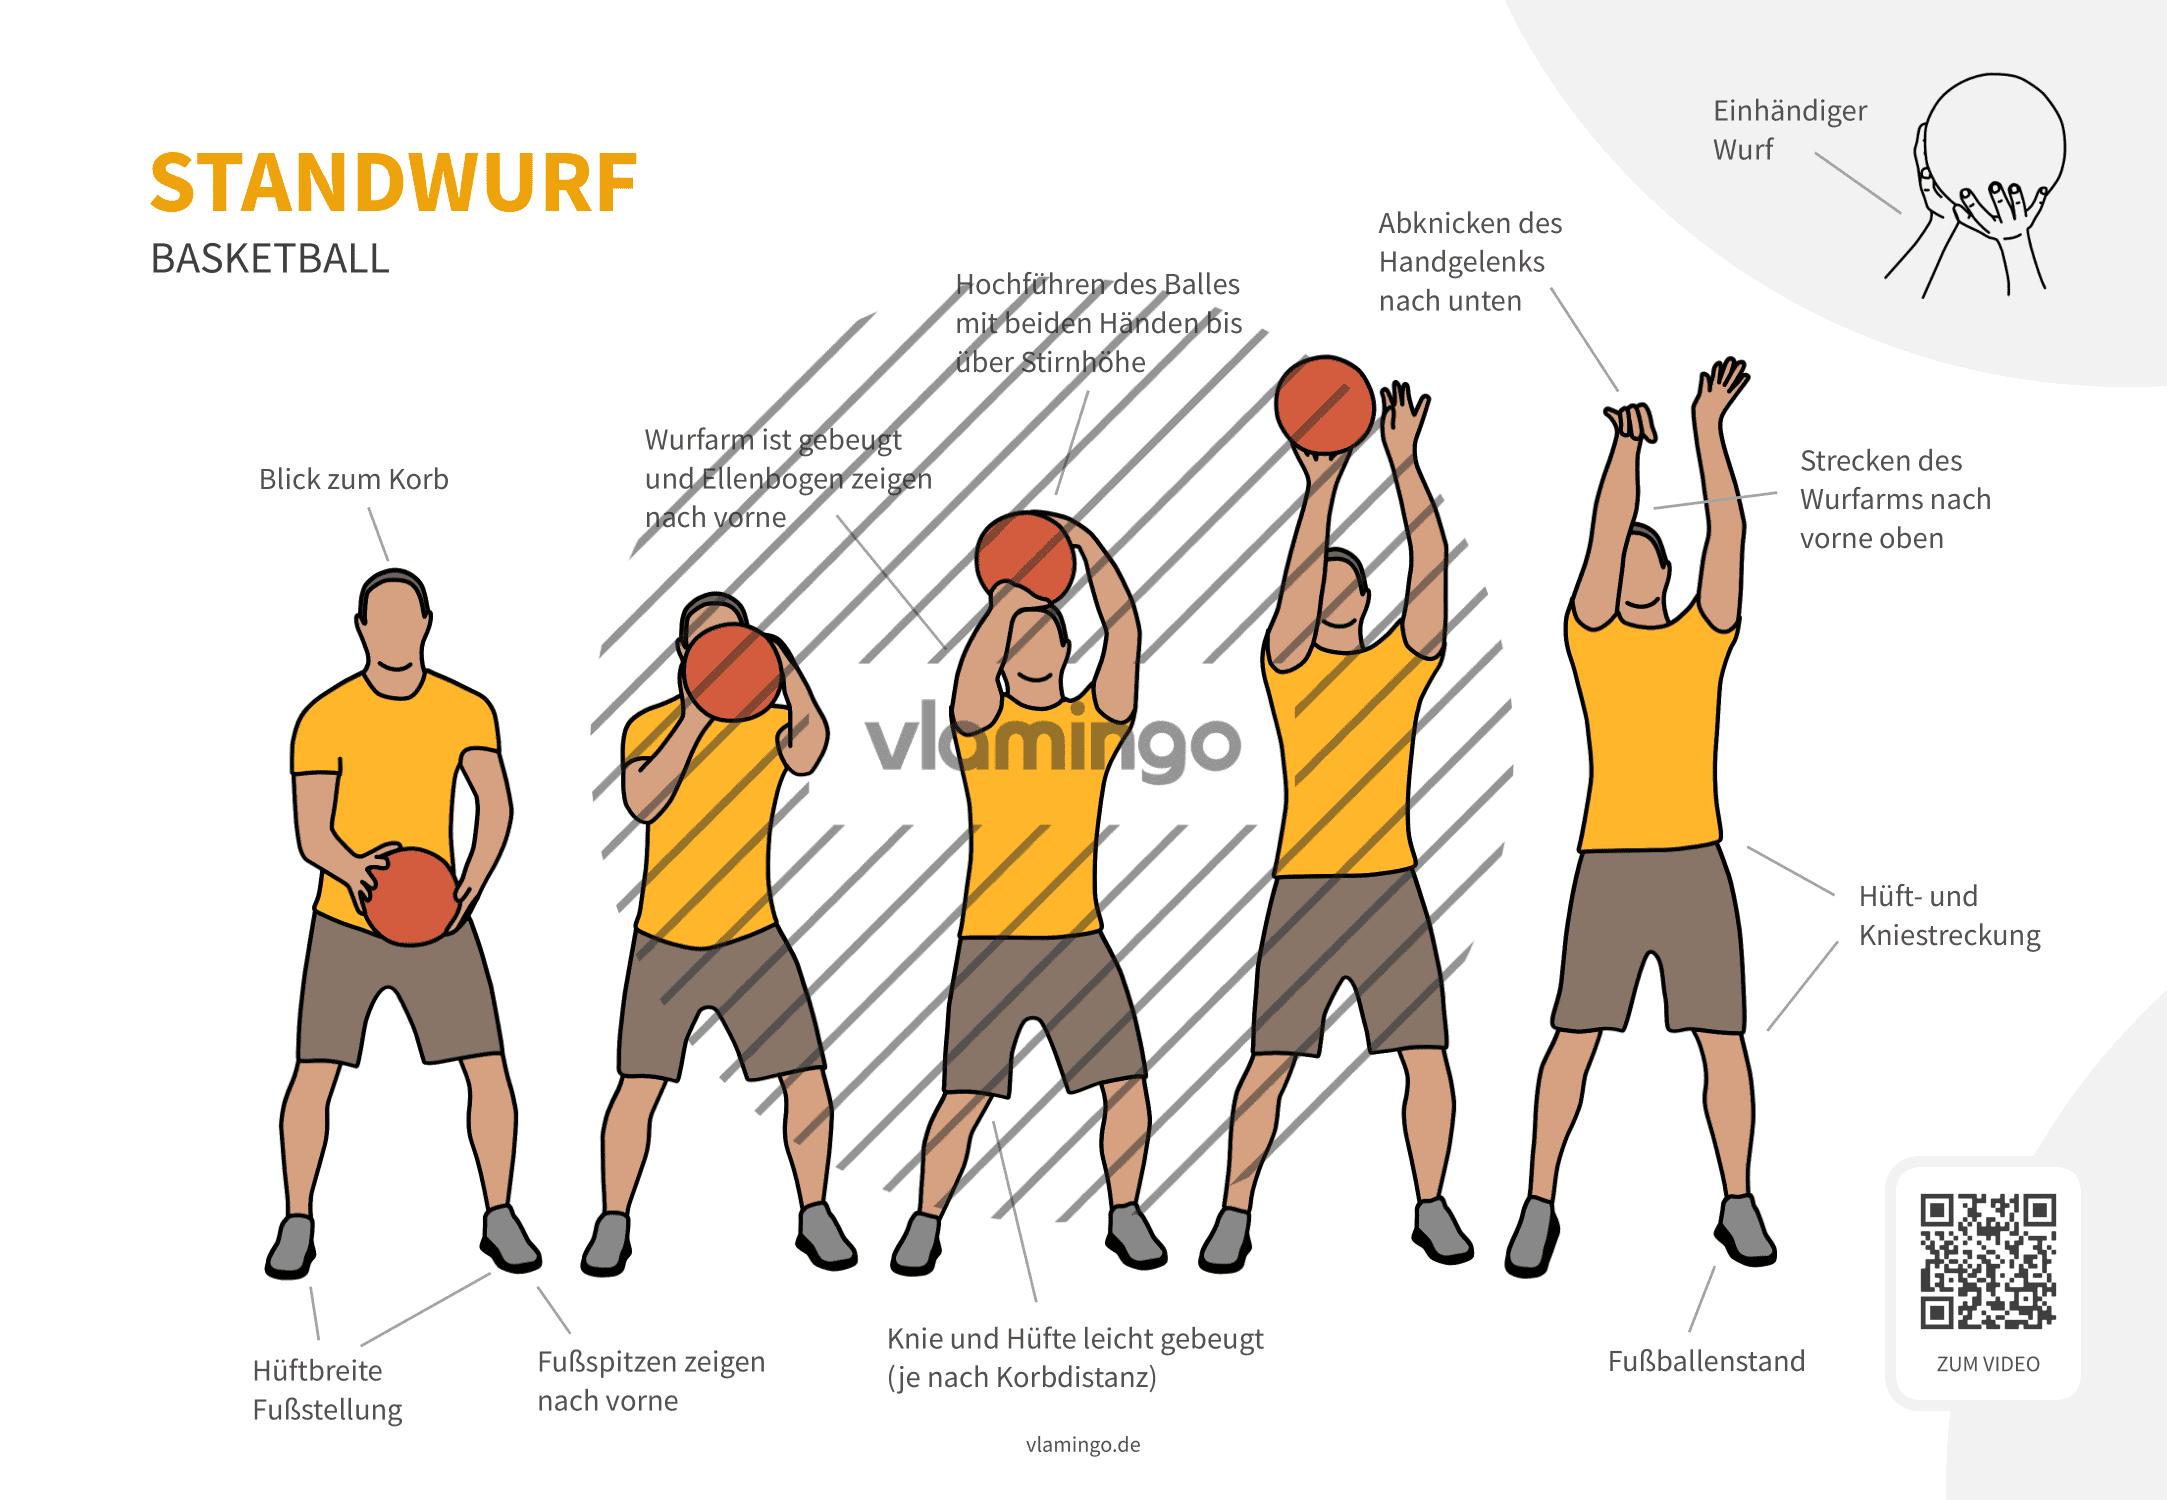 Basketball - Standwurf - Ansicht von vorne